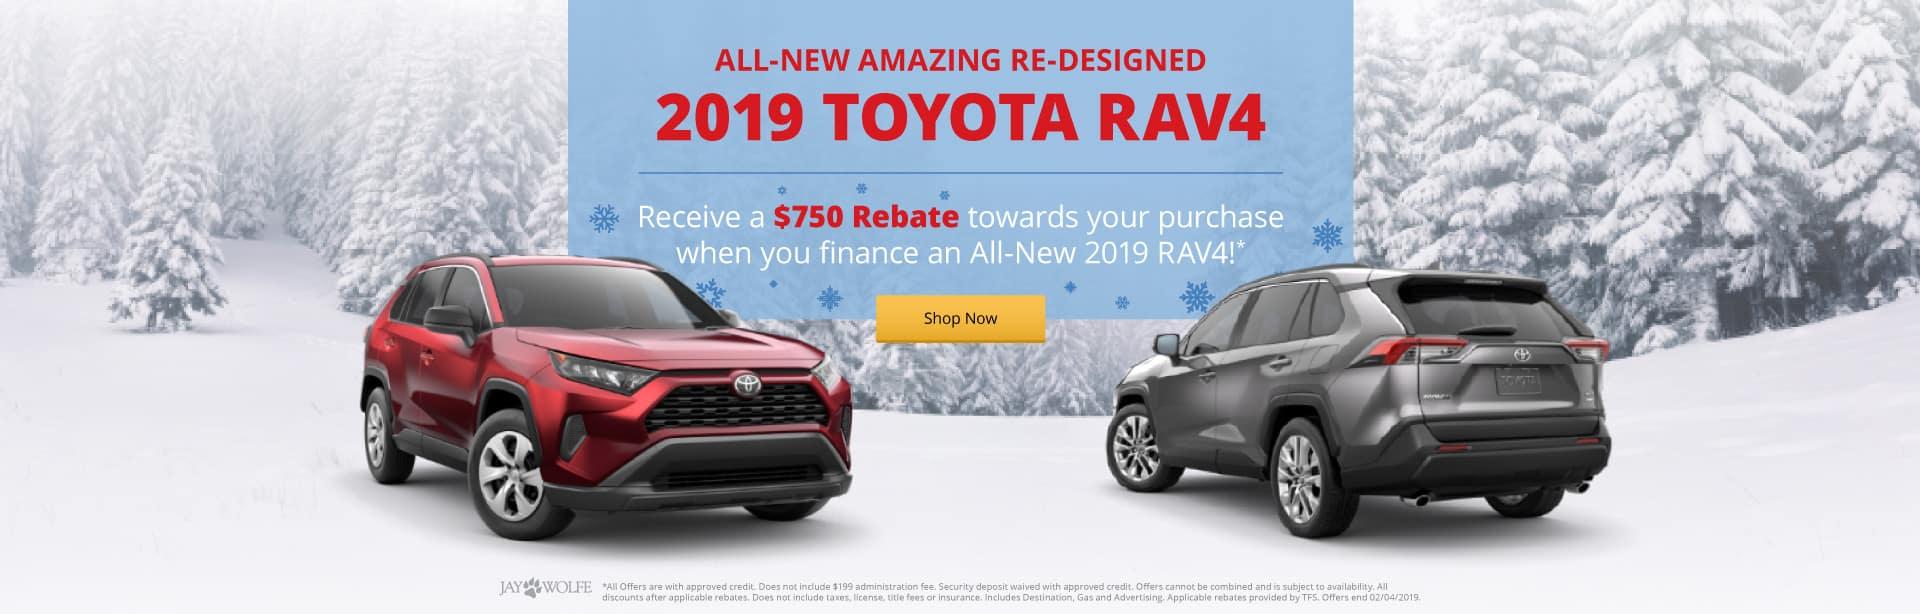 The All-New 2019 Toyota RAV4